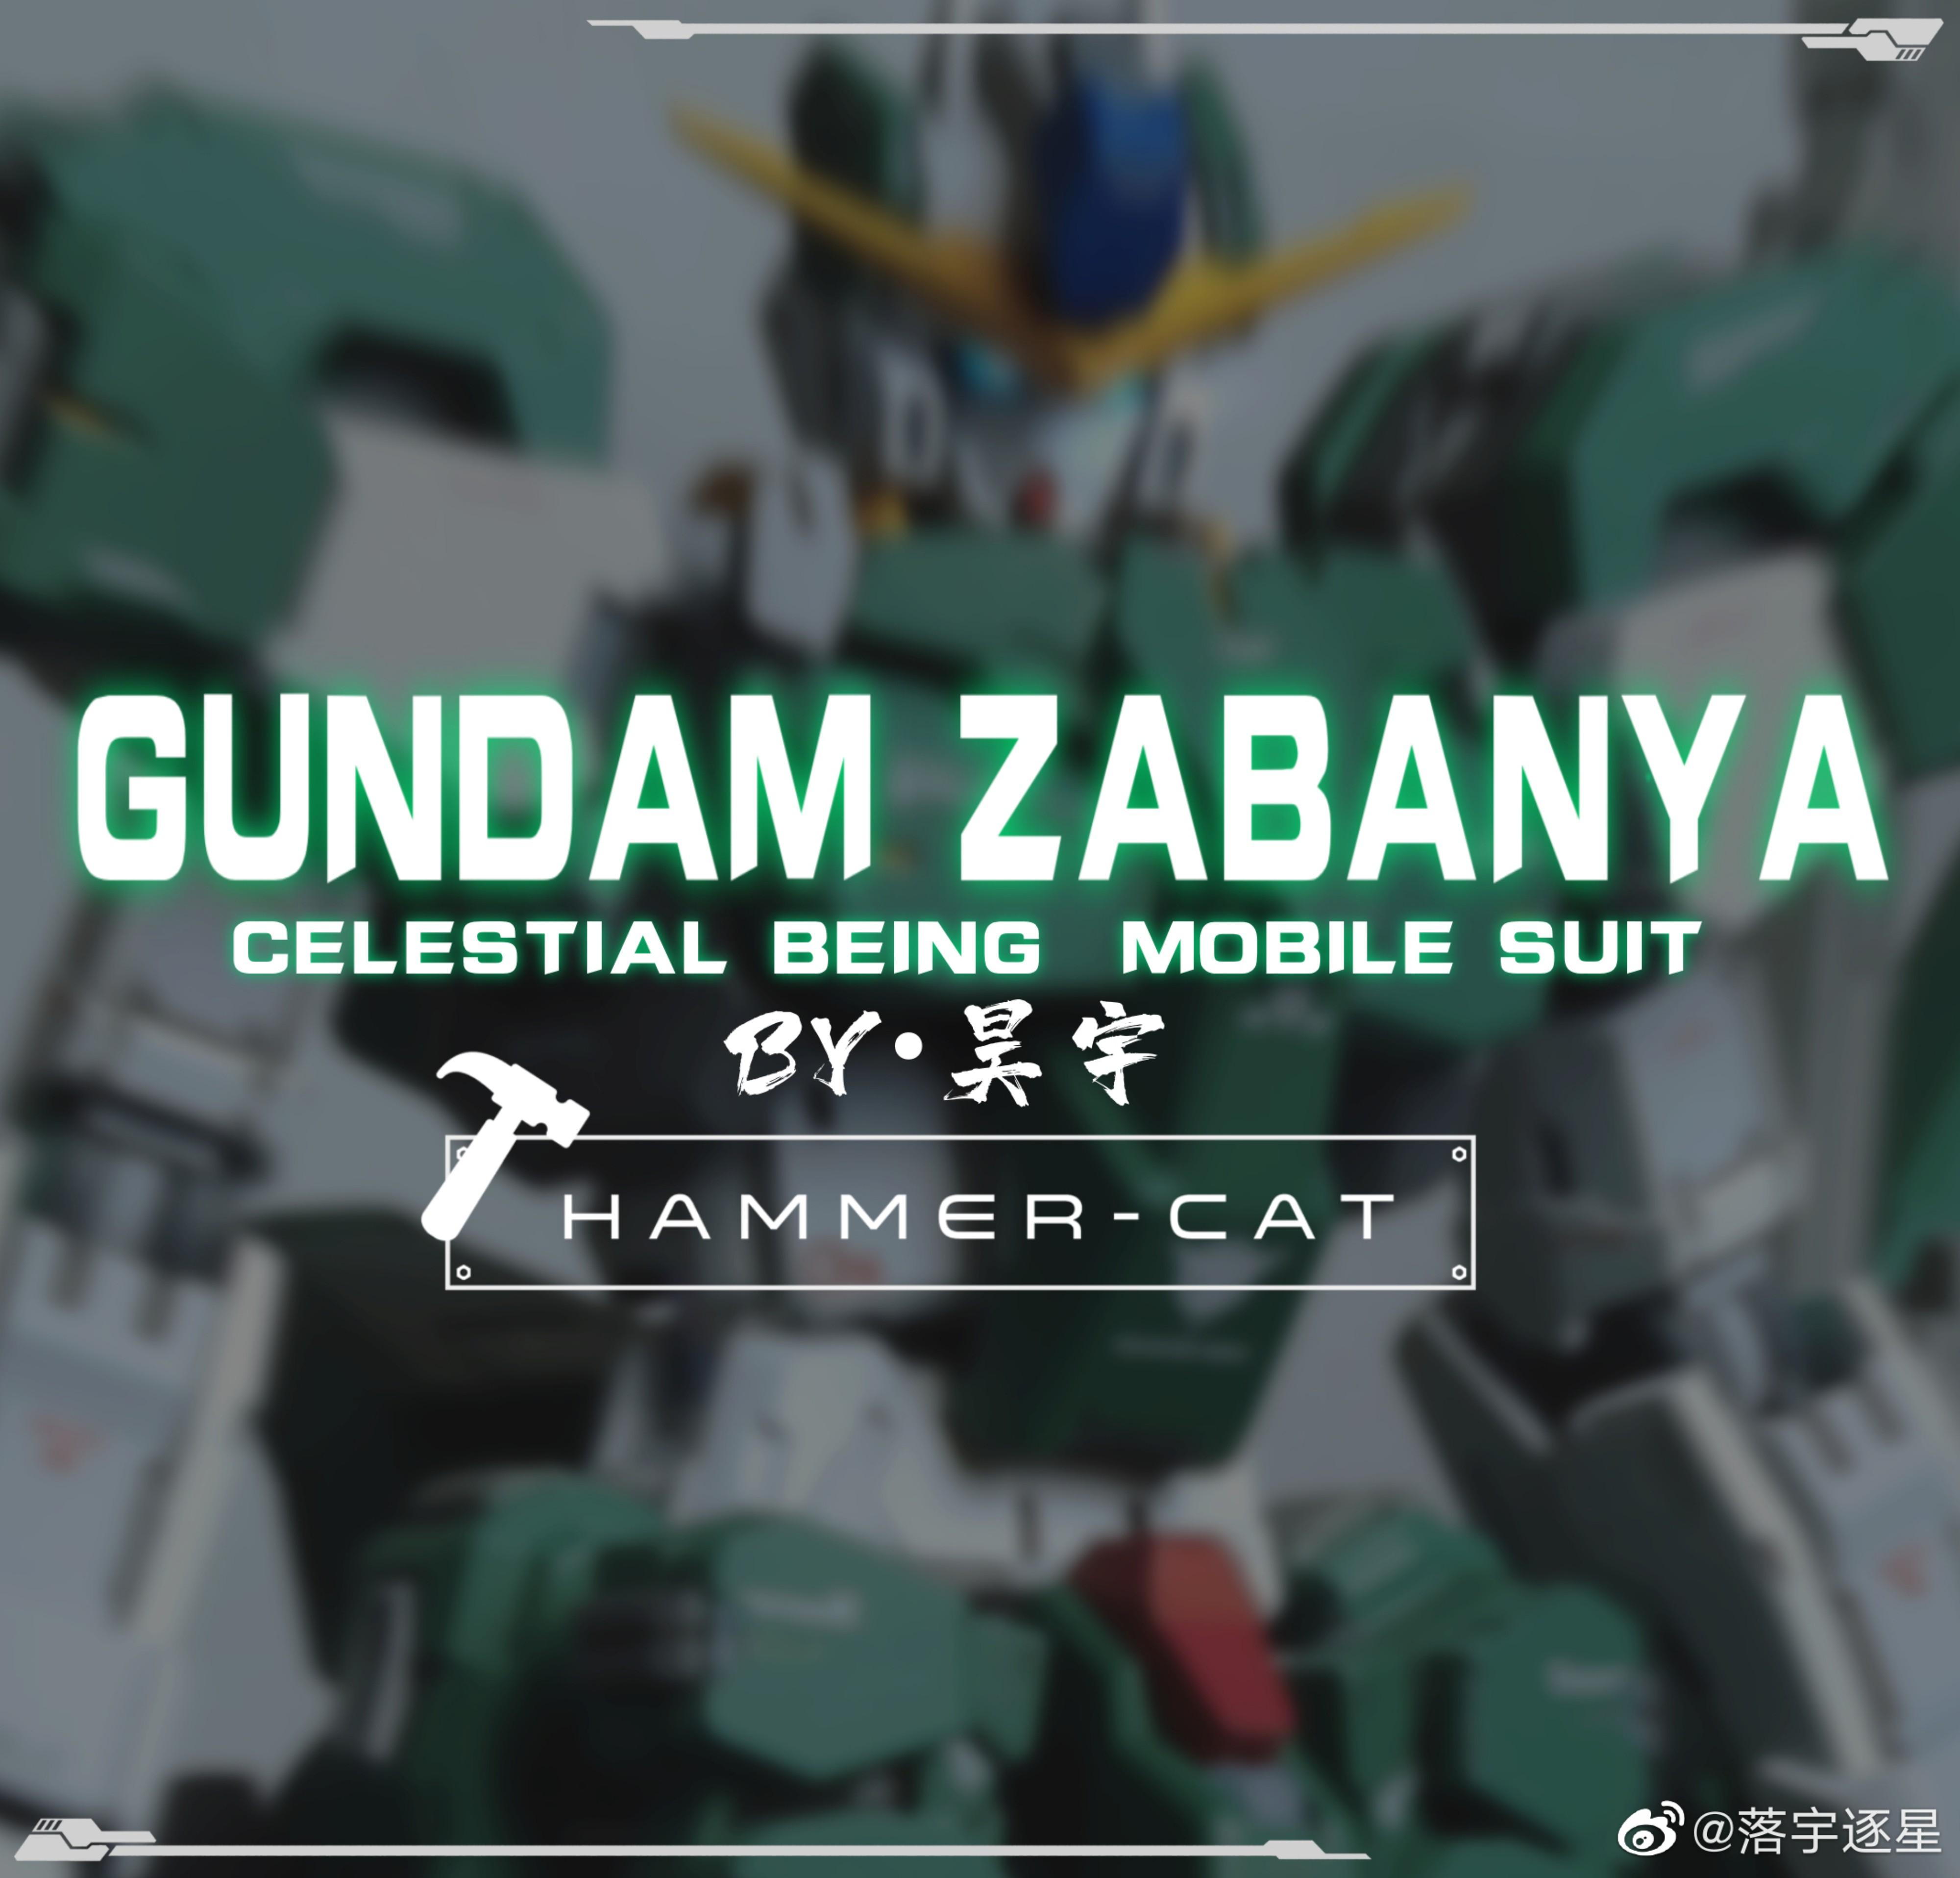 G652_3_GN_010_OO_Gundam_Zabanya_005.jpg